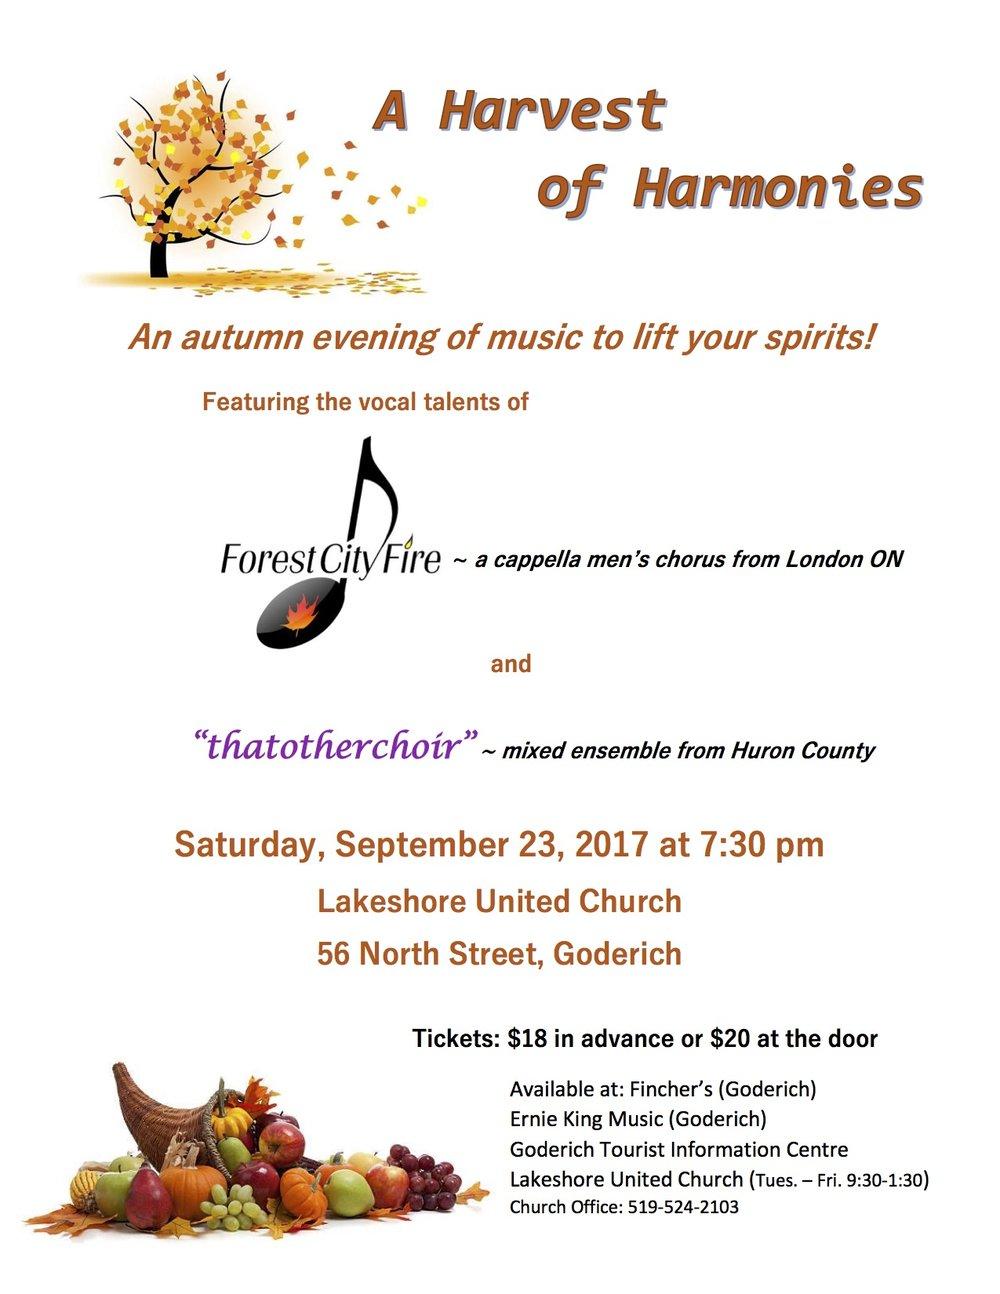 A Harvest of Harmonies Poster 2017 Final.jpg